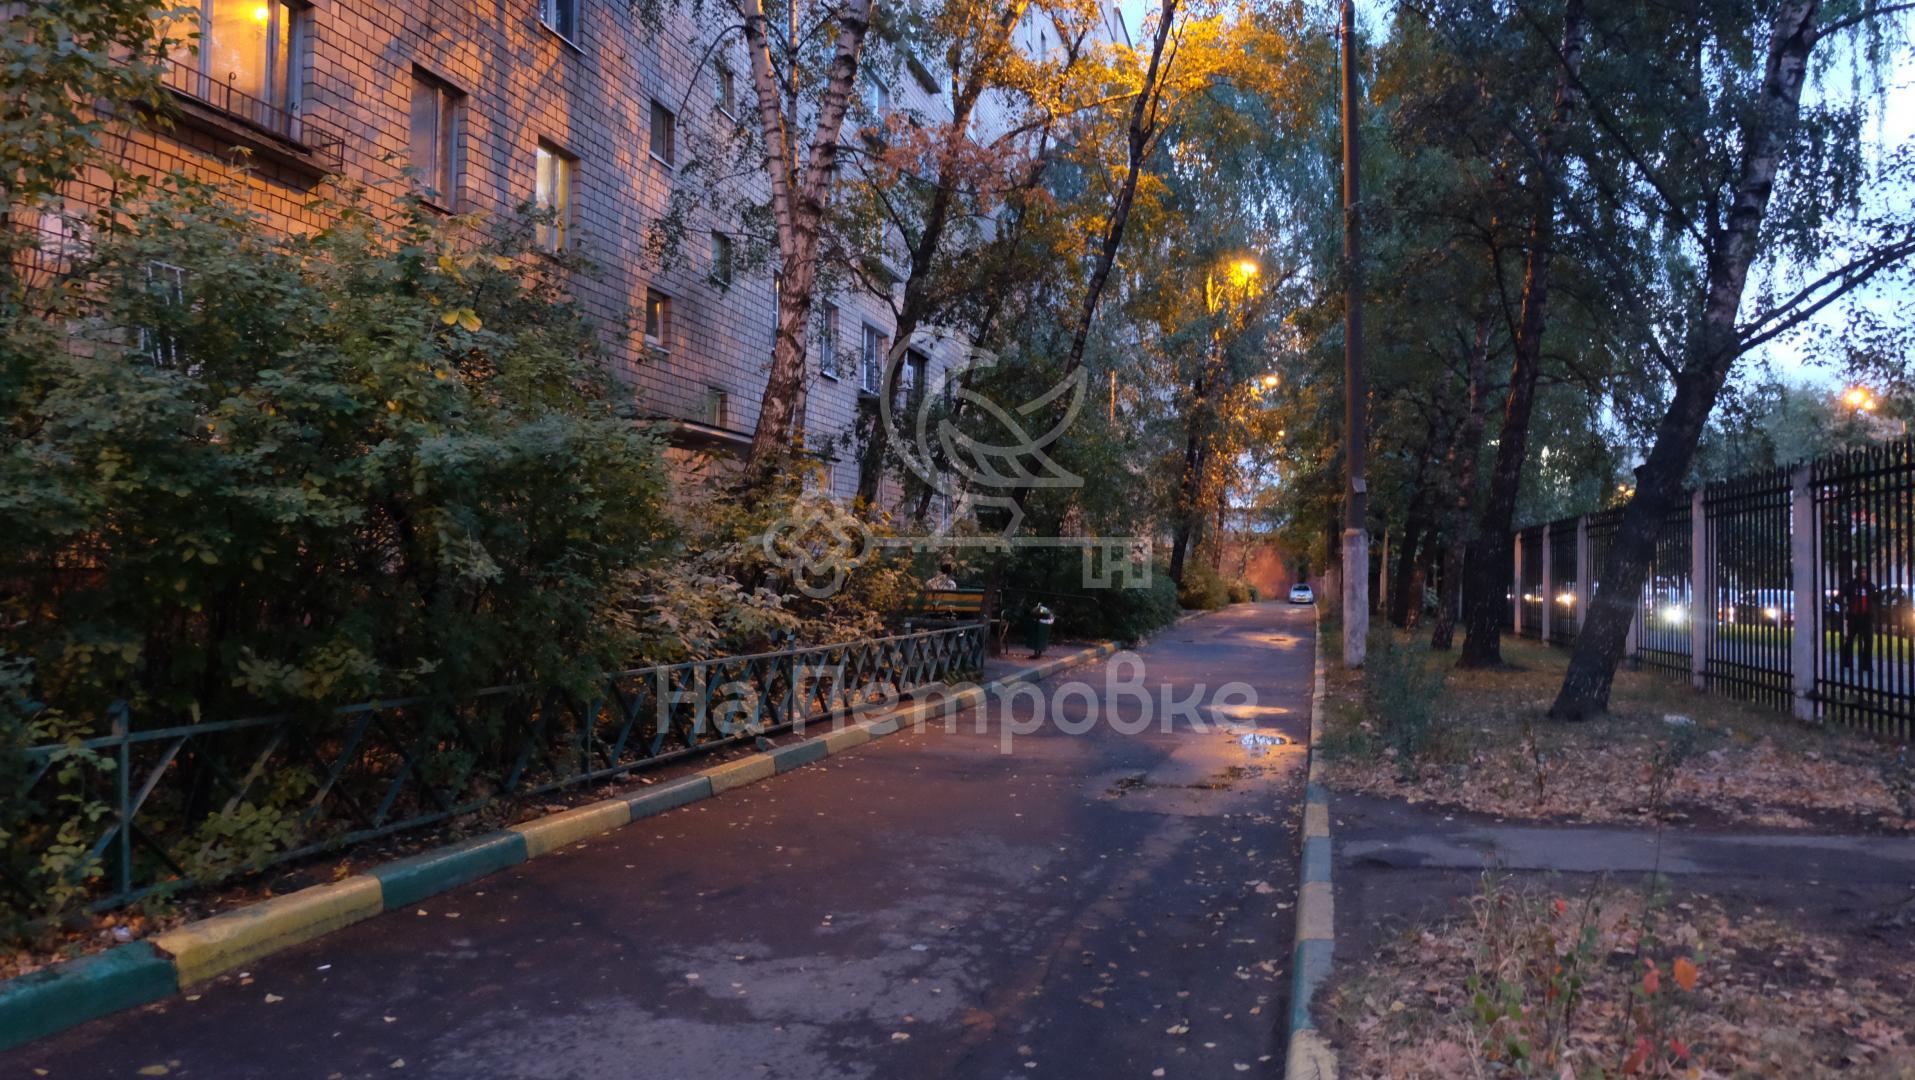 Квартира на продажу по адресу Россия, Московская область, городской округ Люберцы, Люберцы, улица 3-е Почтовое Отделение, 52